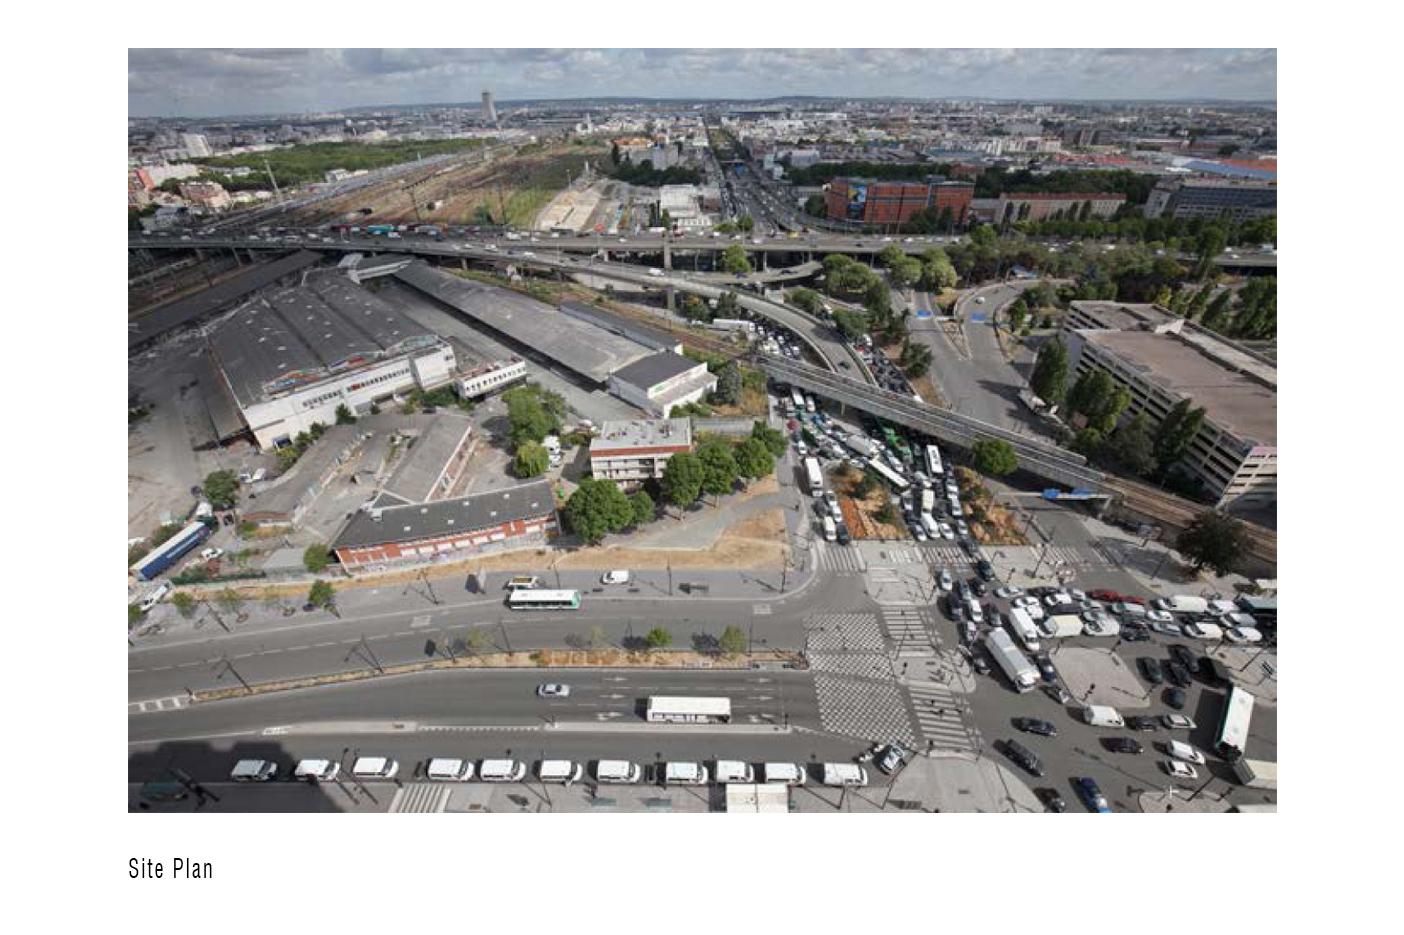 Site Plan - Condorcet Campus - Josep Lluís Mateo